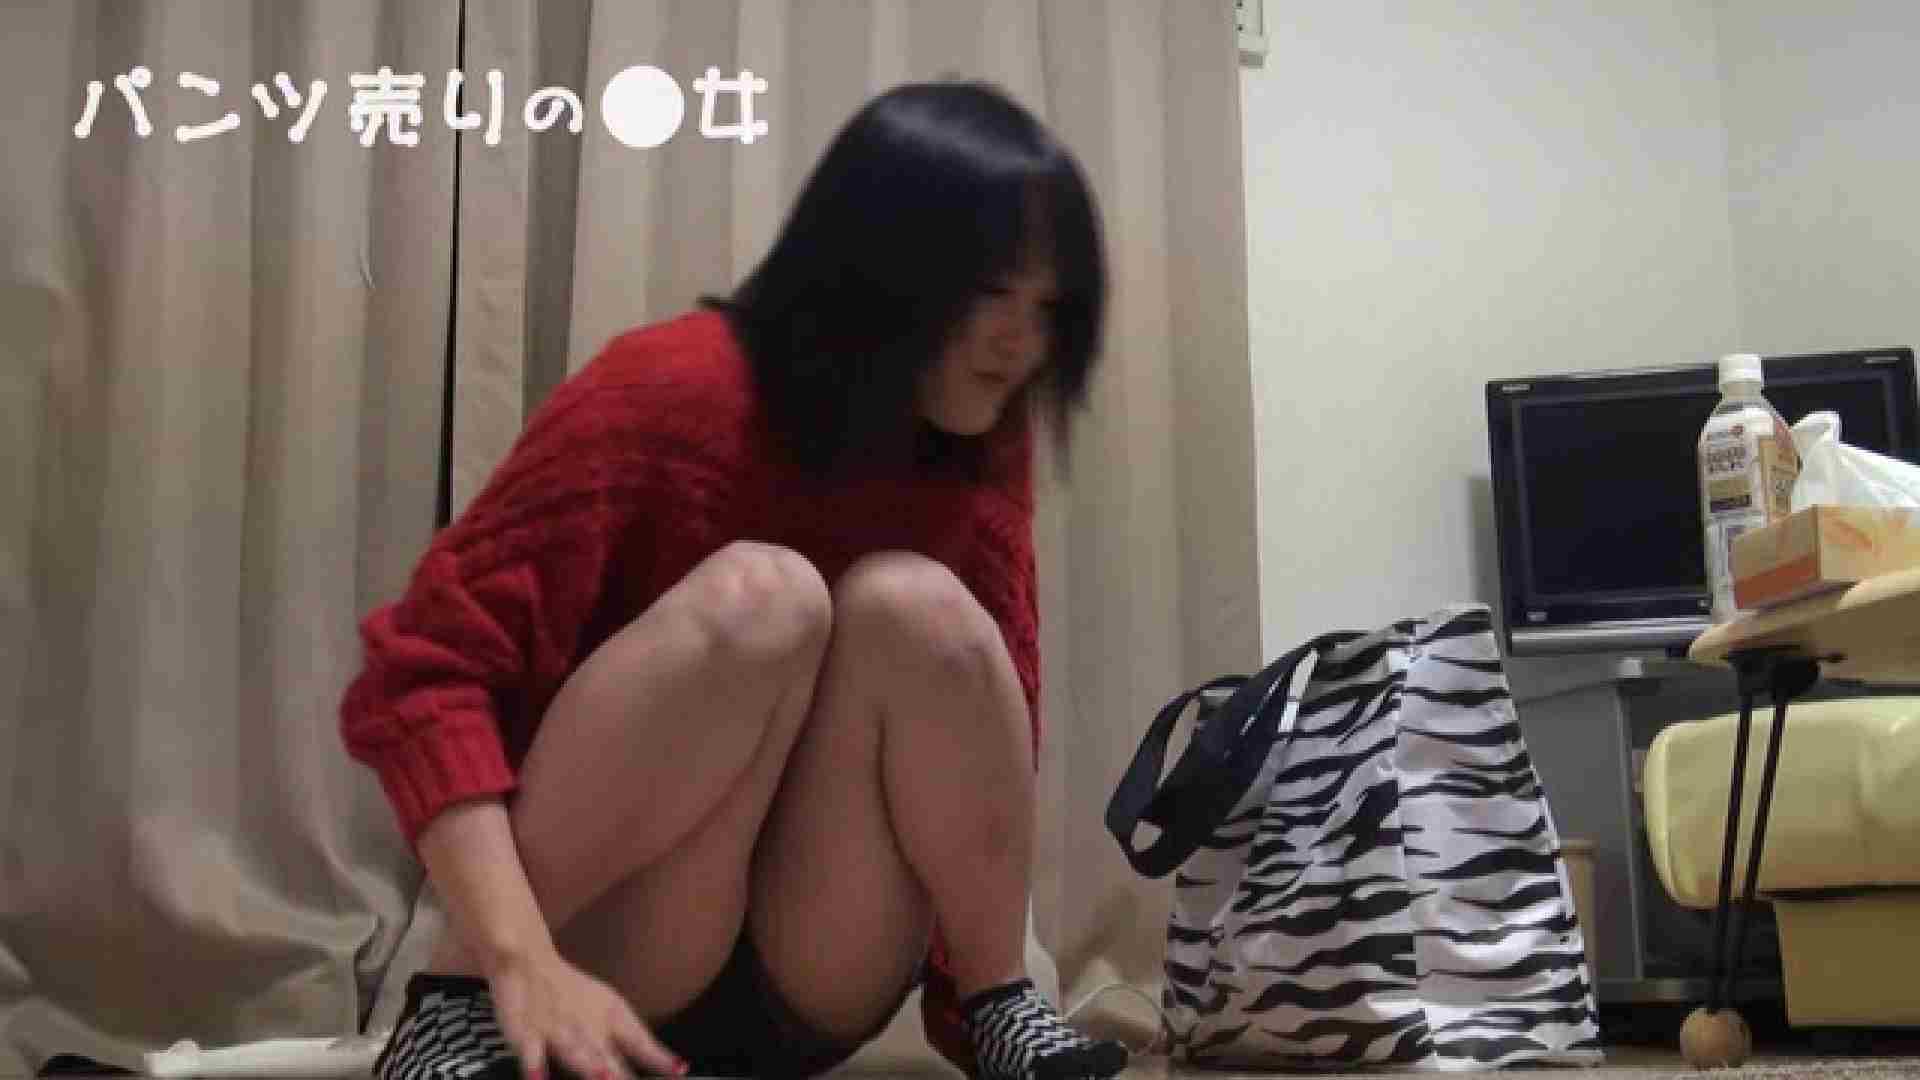 新説 パンツ売りの女の子mizuki 一般投稿  83pic 38